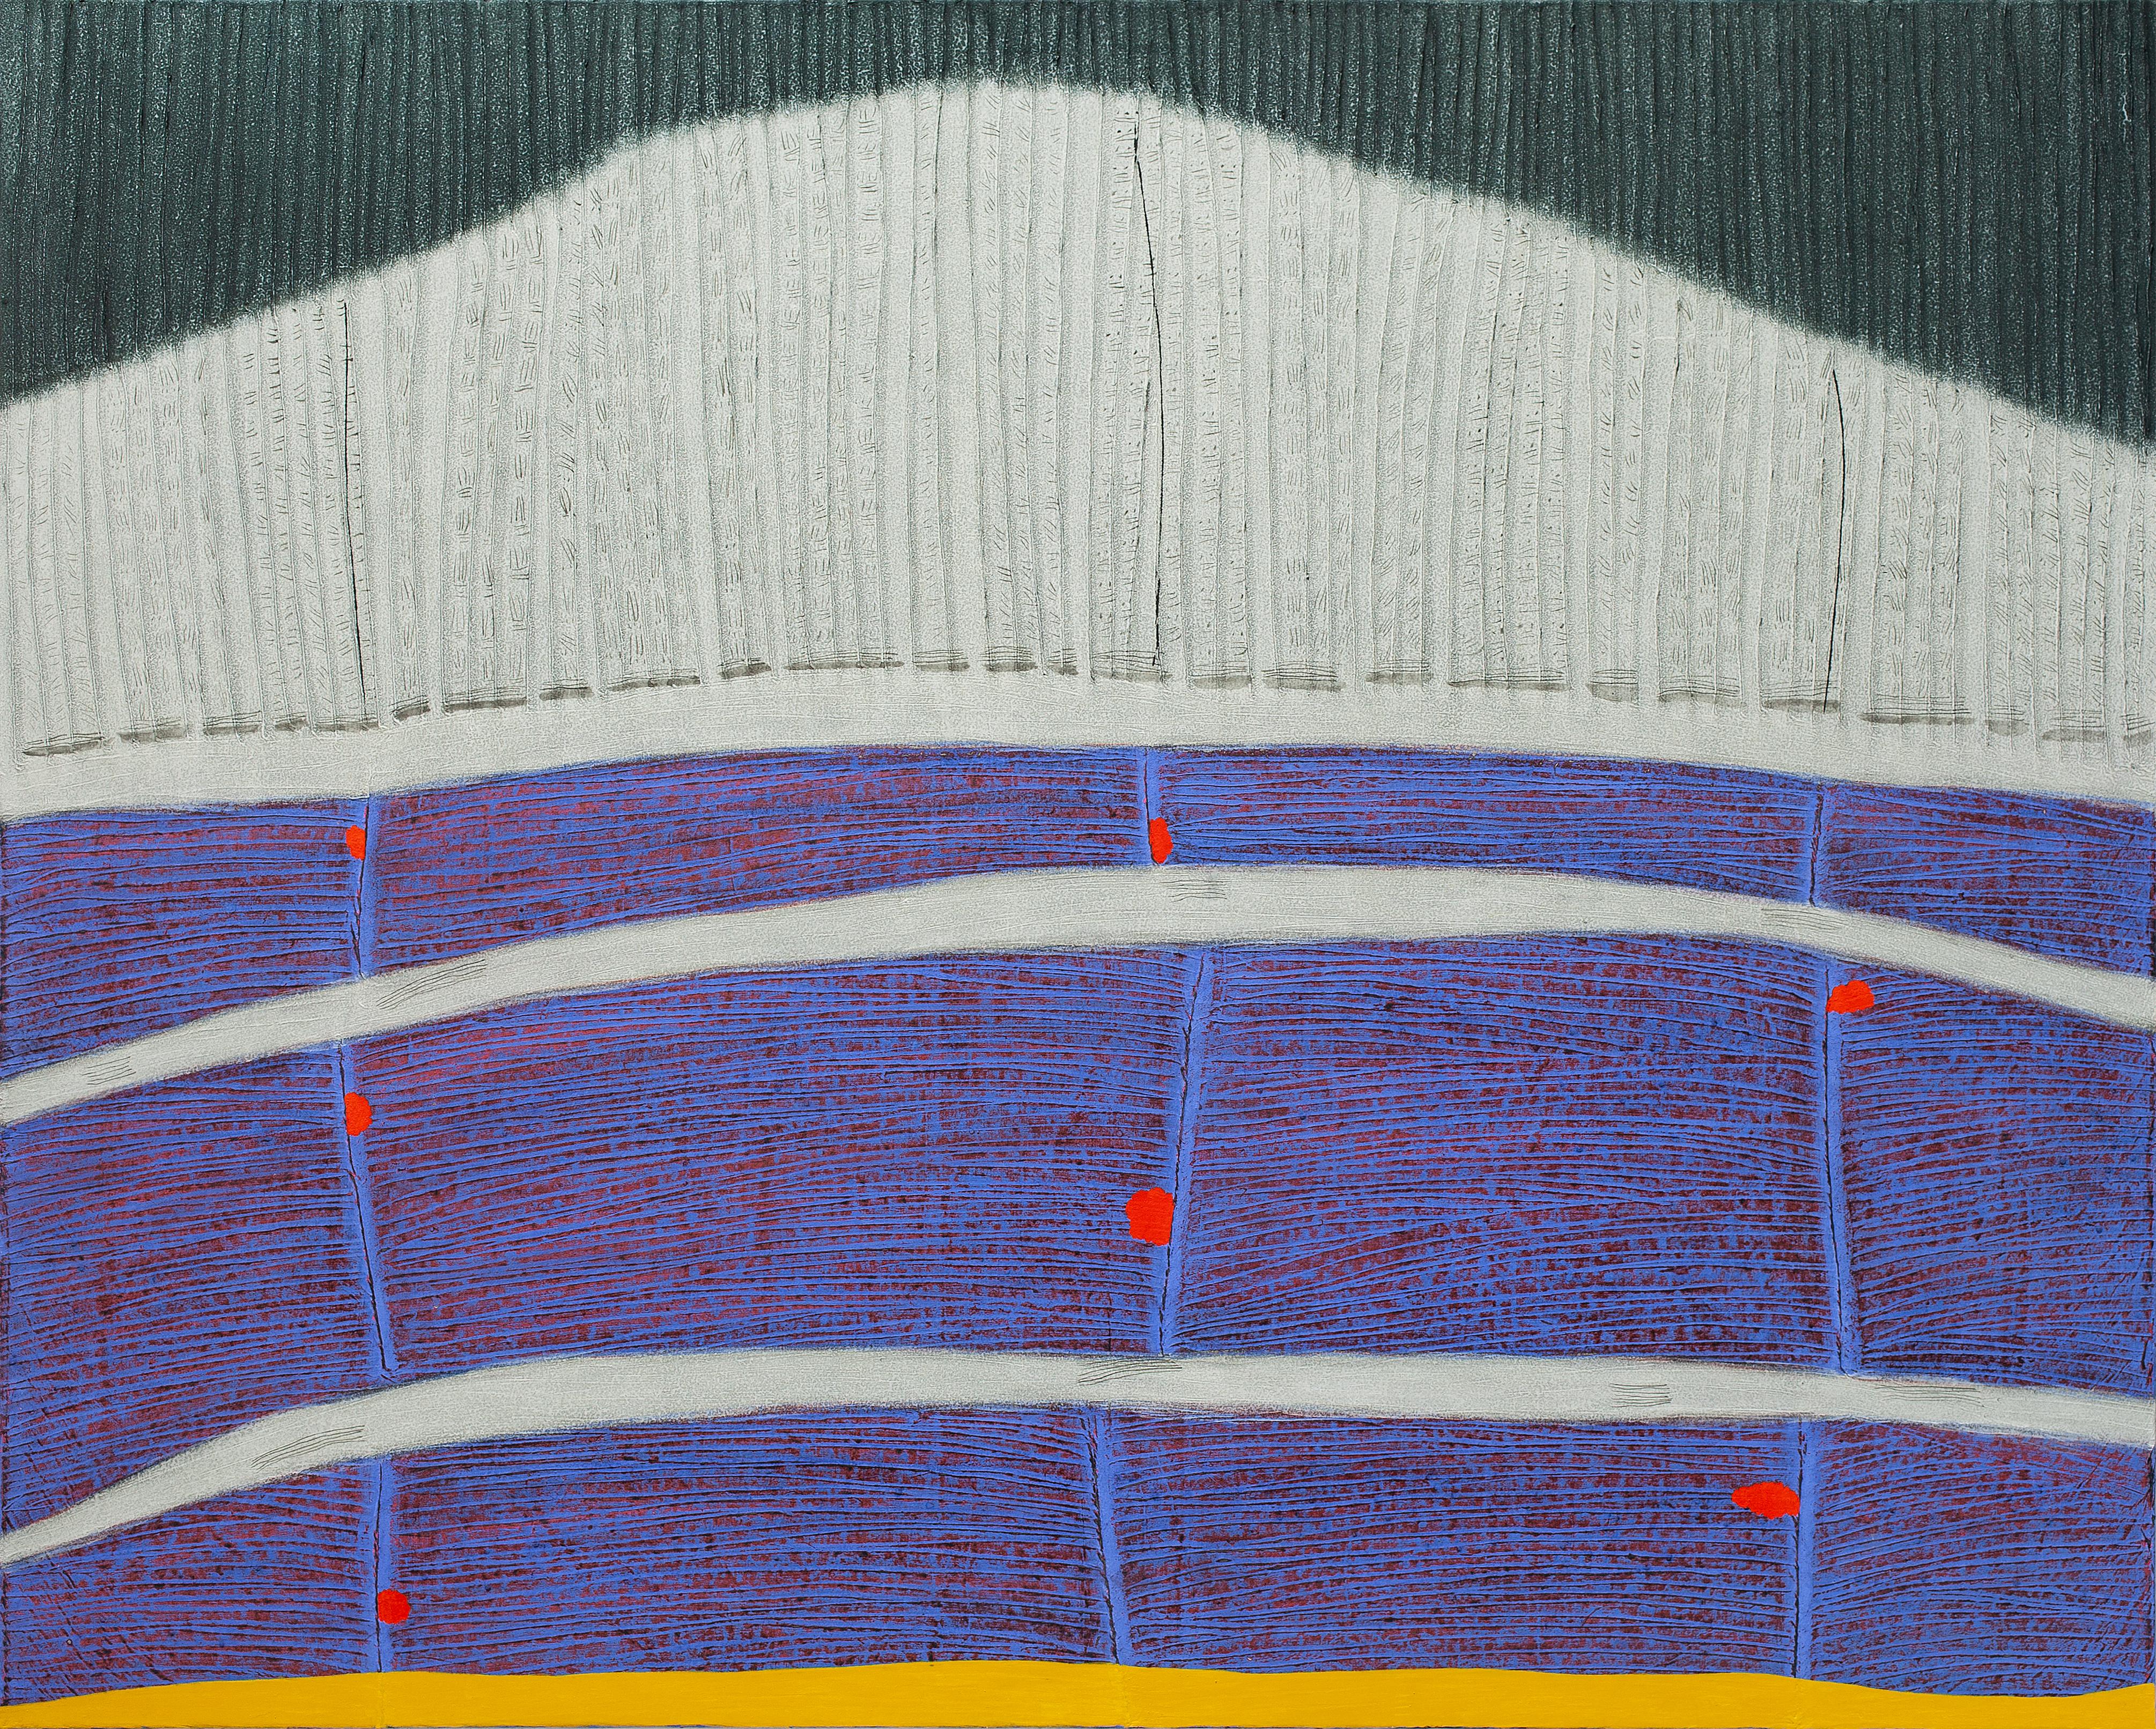 선묘 풍경 A Scenery of Lines 120x150cm 캔버스에 한지  흙과 채색 Soil and powderpaints Koreanpaper on canvas 2020